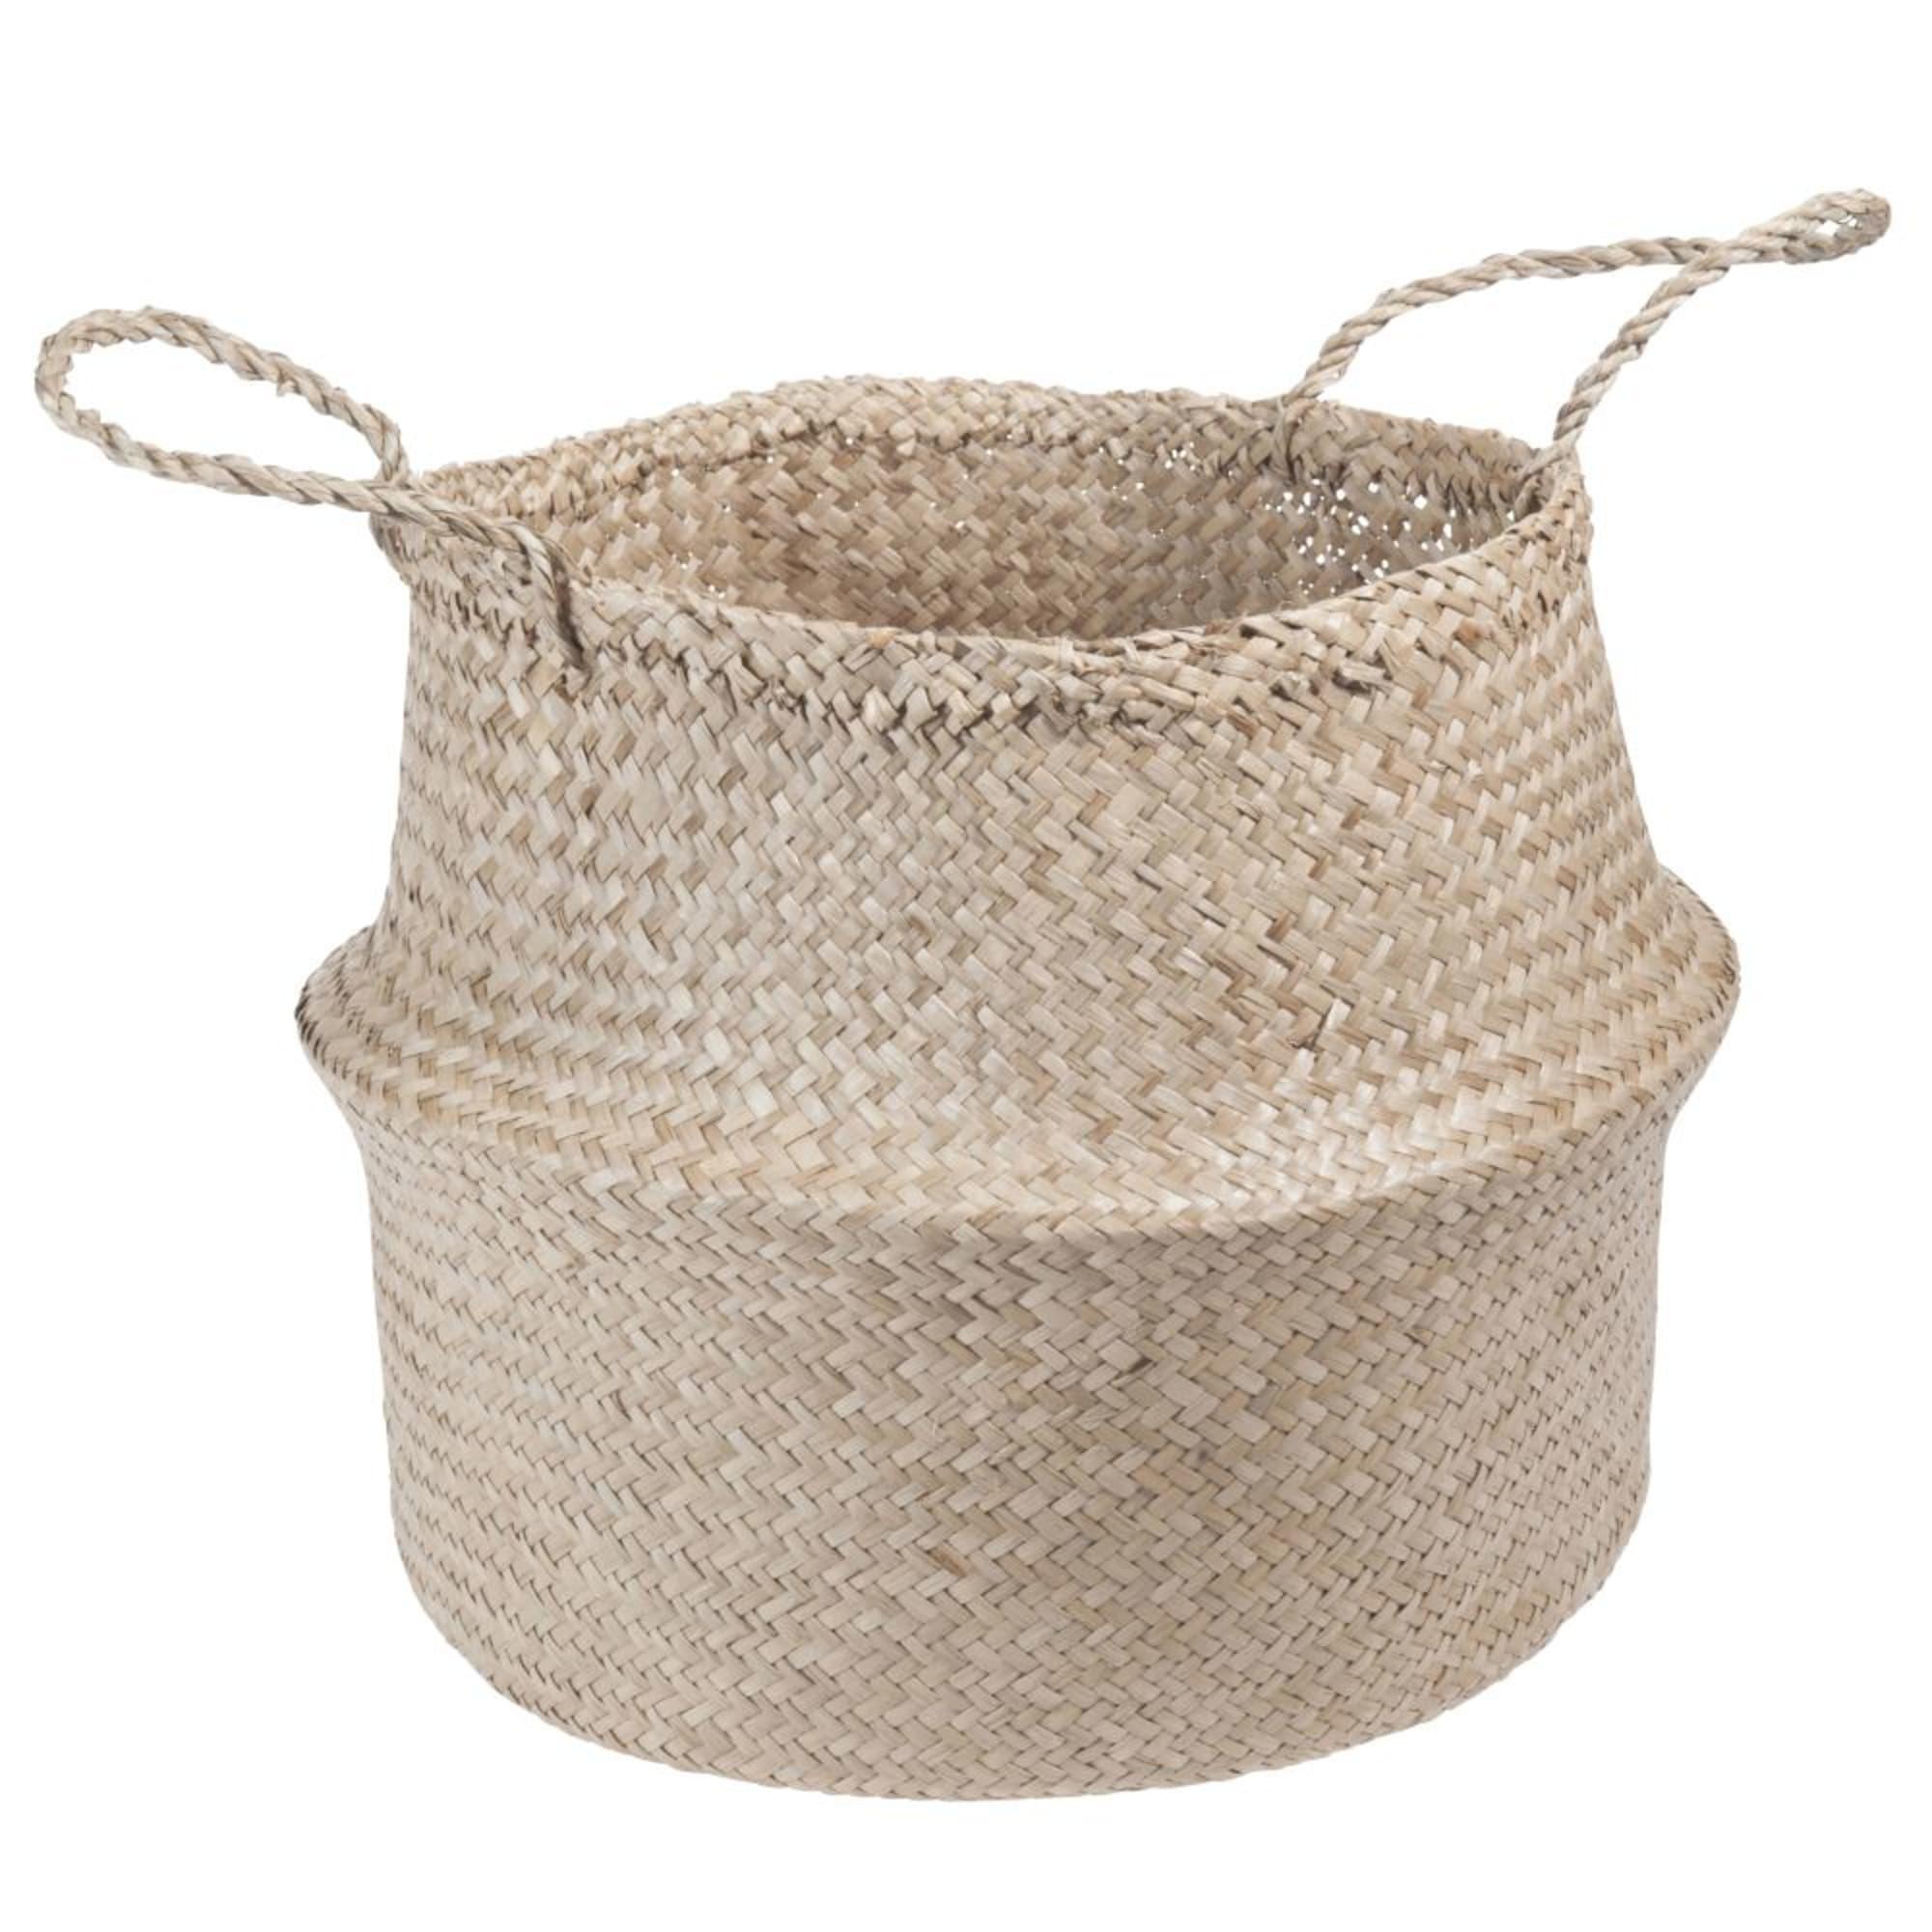 Cesta tailandesa de fibra vegetal Al.40 cm